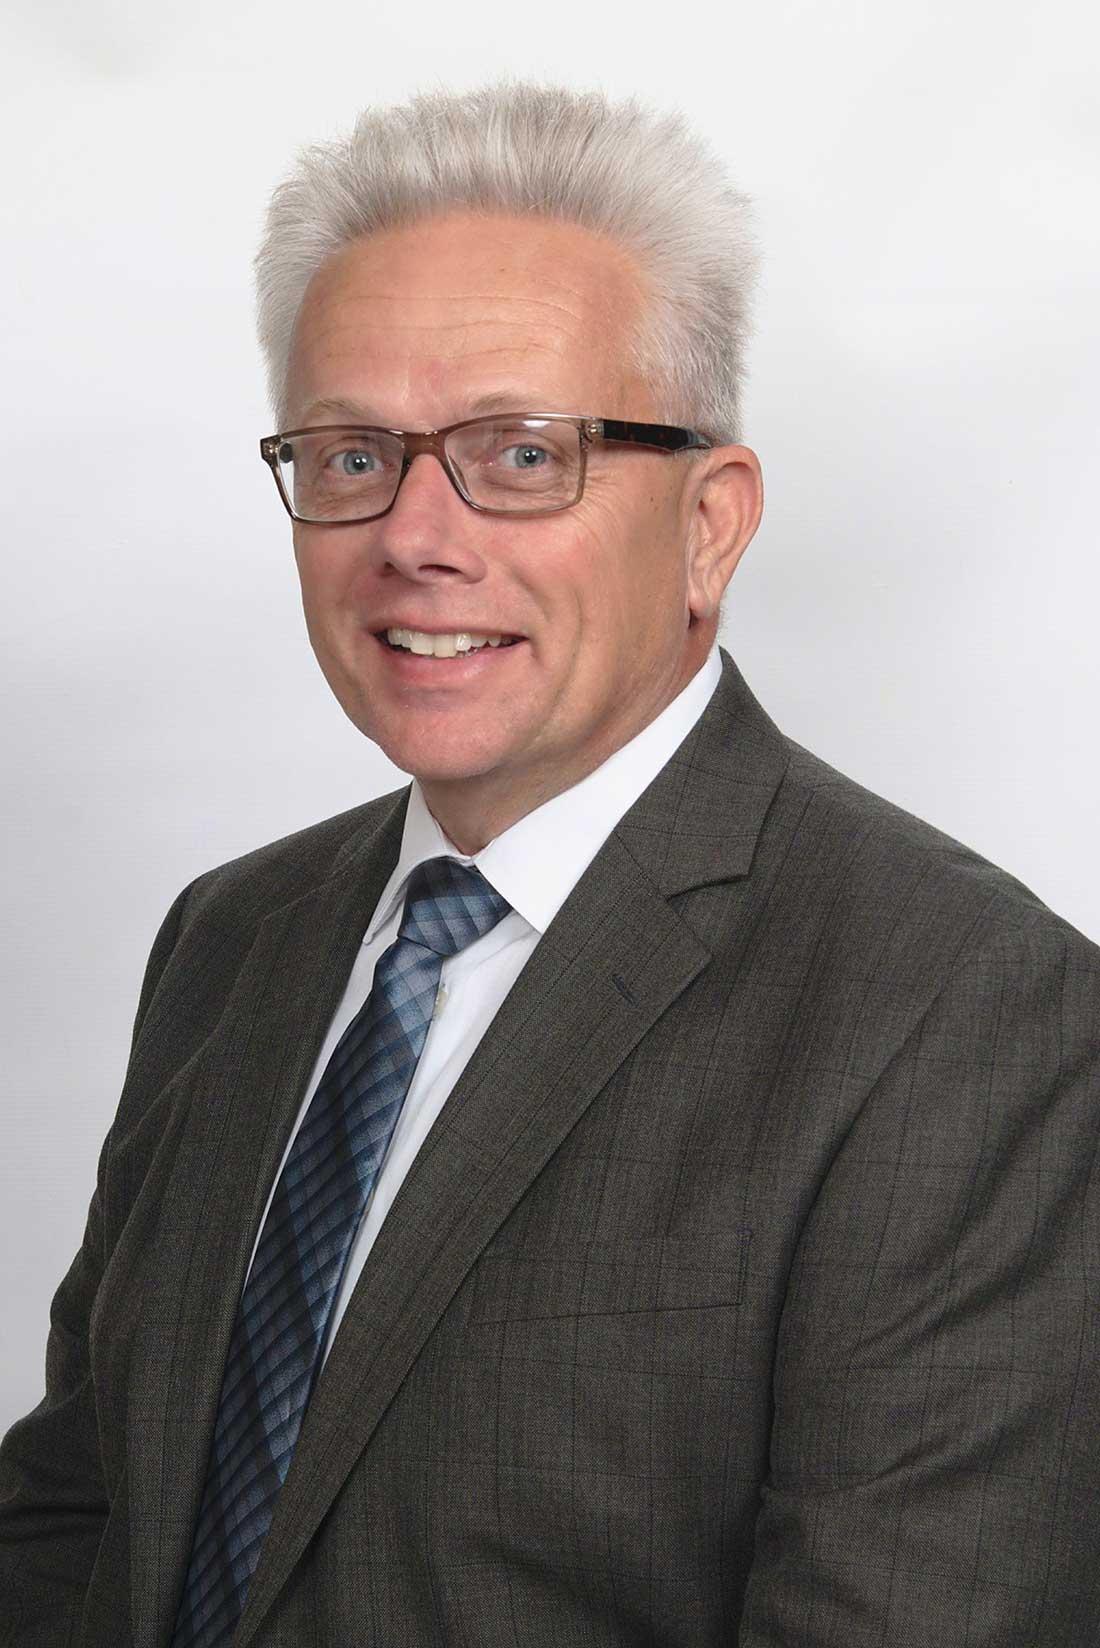 Tim Taylor, CFSP : Managing Director/Funeral Director